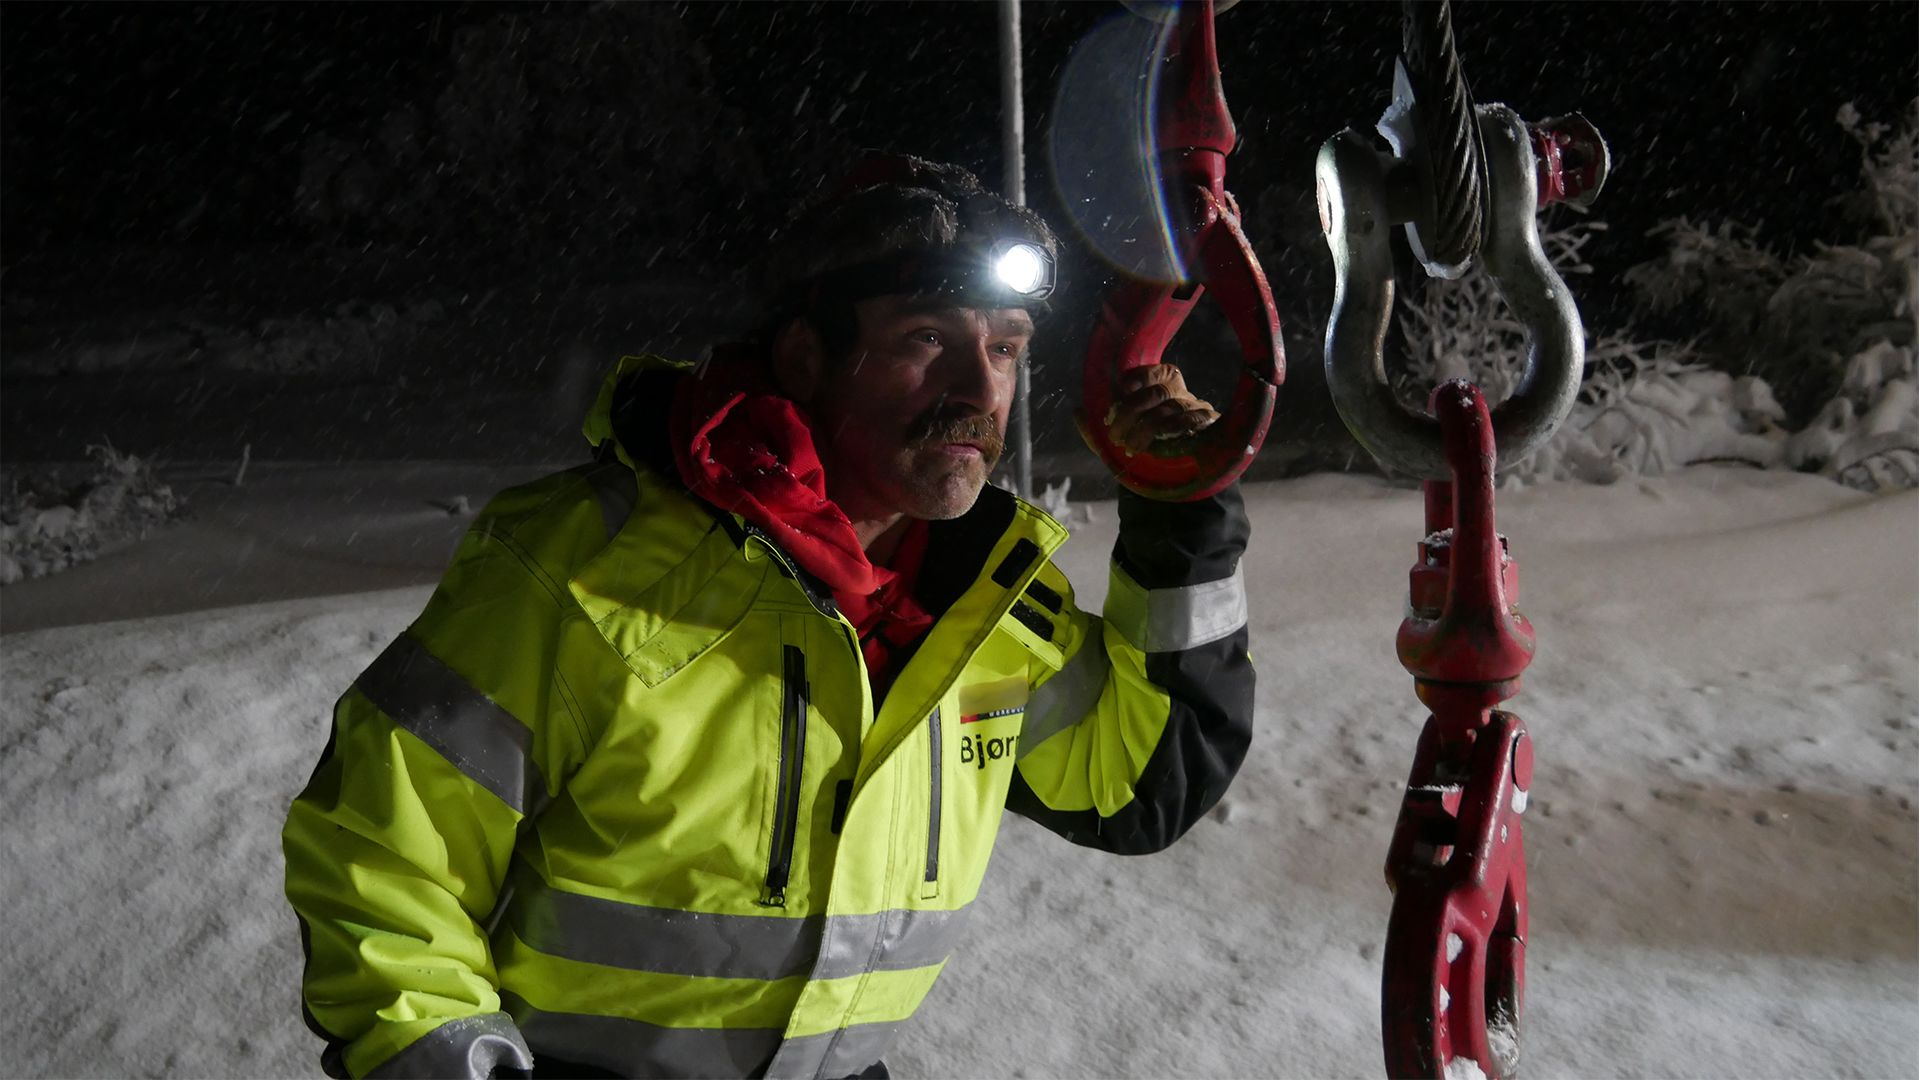 أحد منقذي طرق الجليد في الليل. هذه الصورة من برنامج Ice... [Photo of the day - أكتوبر 2021]